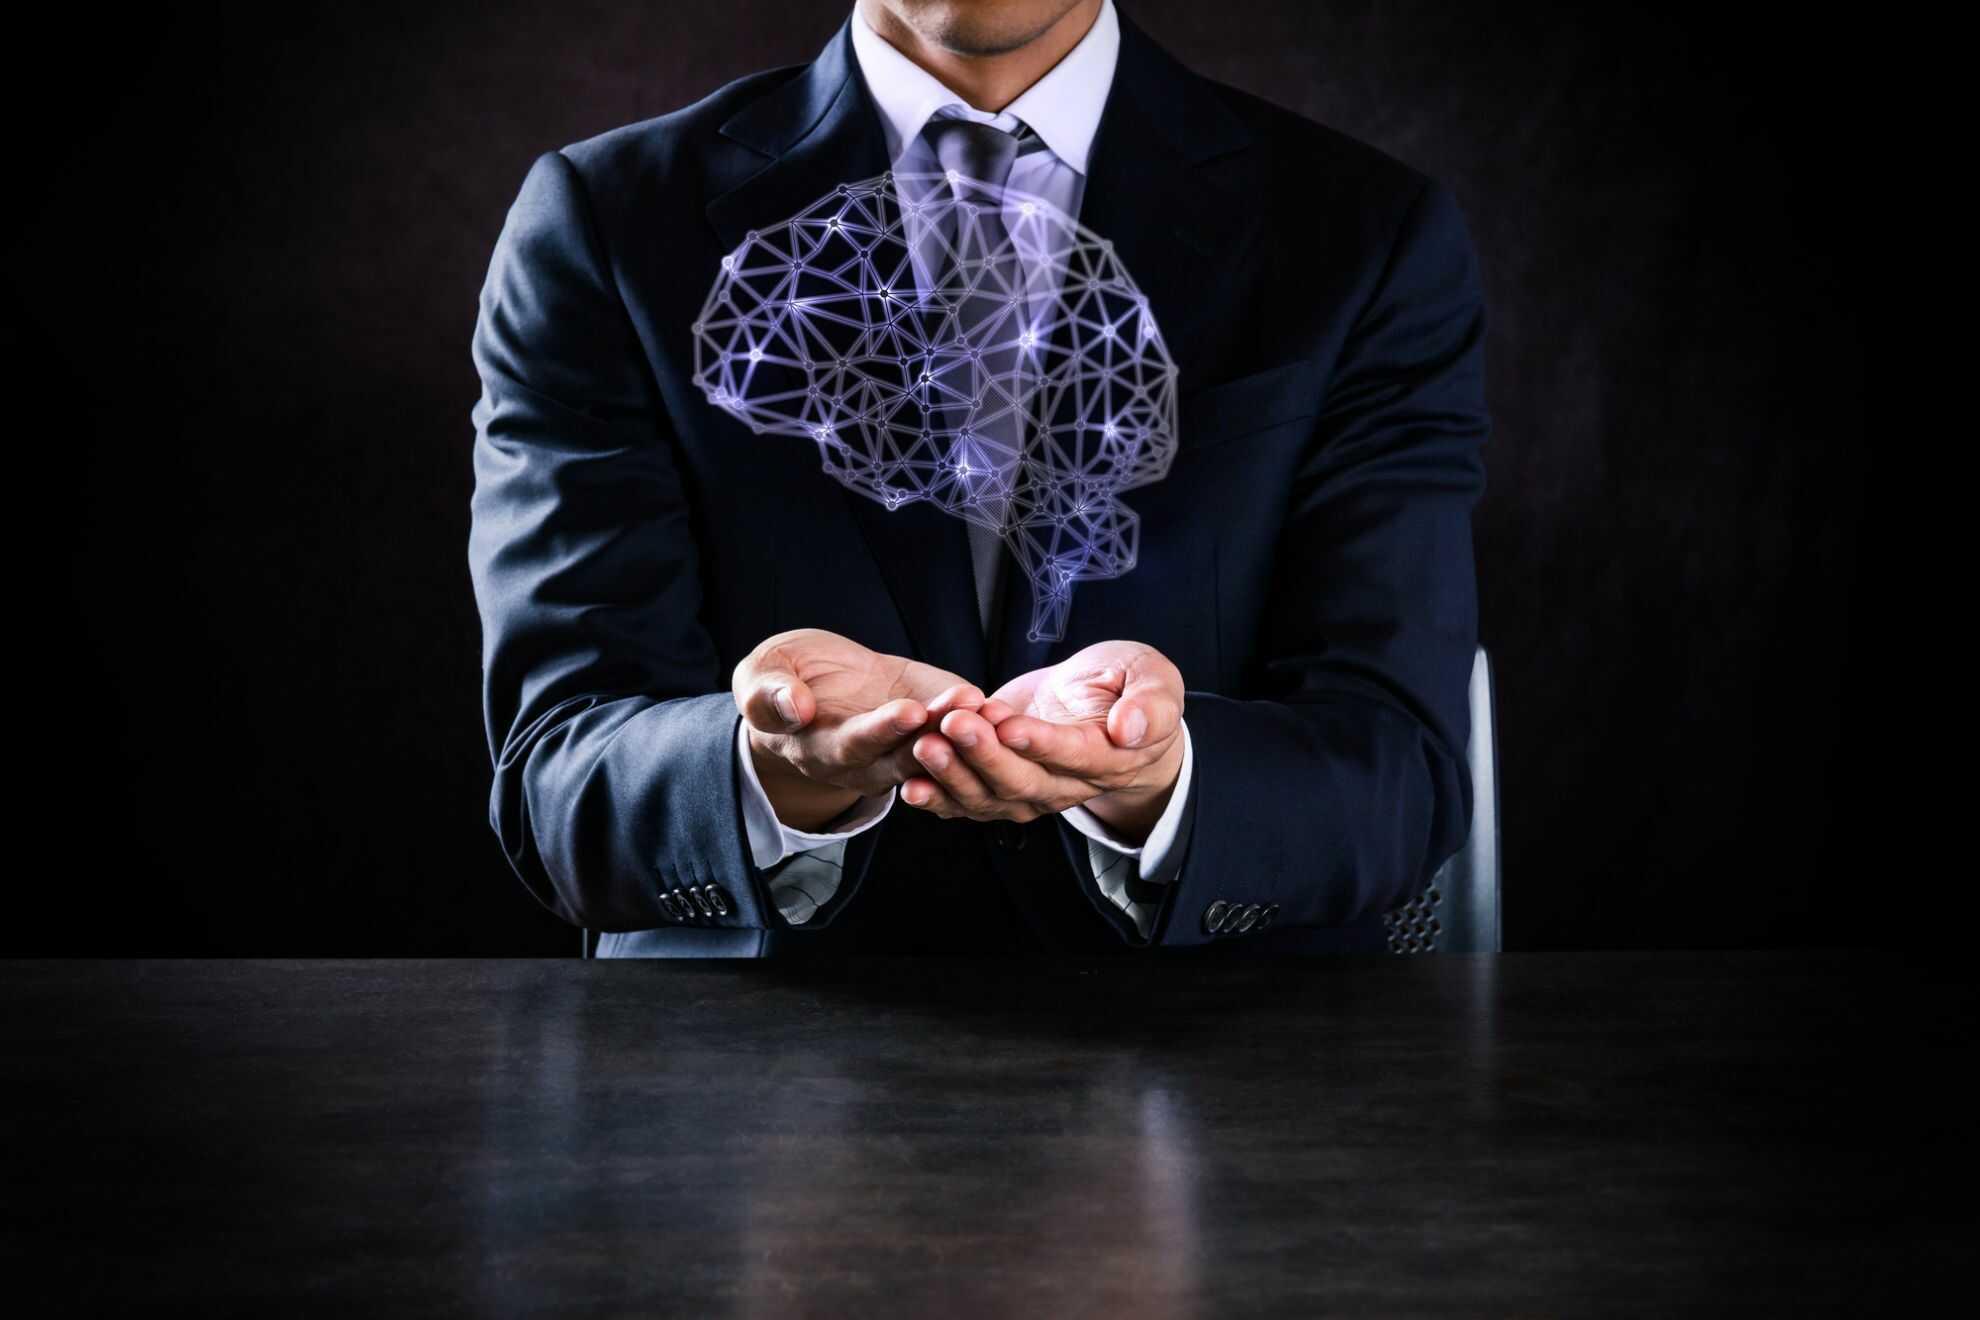 手の上に浮かんでいる「脳」の模式図のイメージ